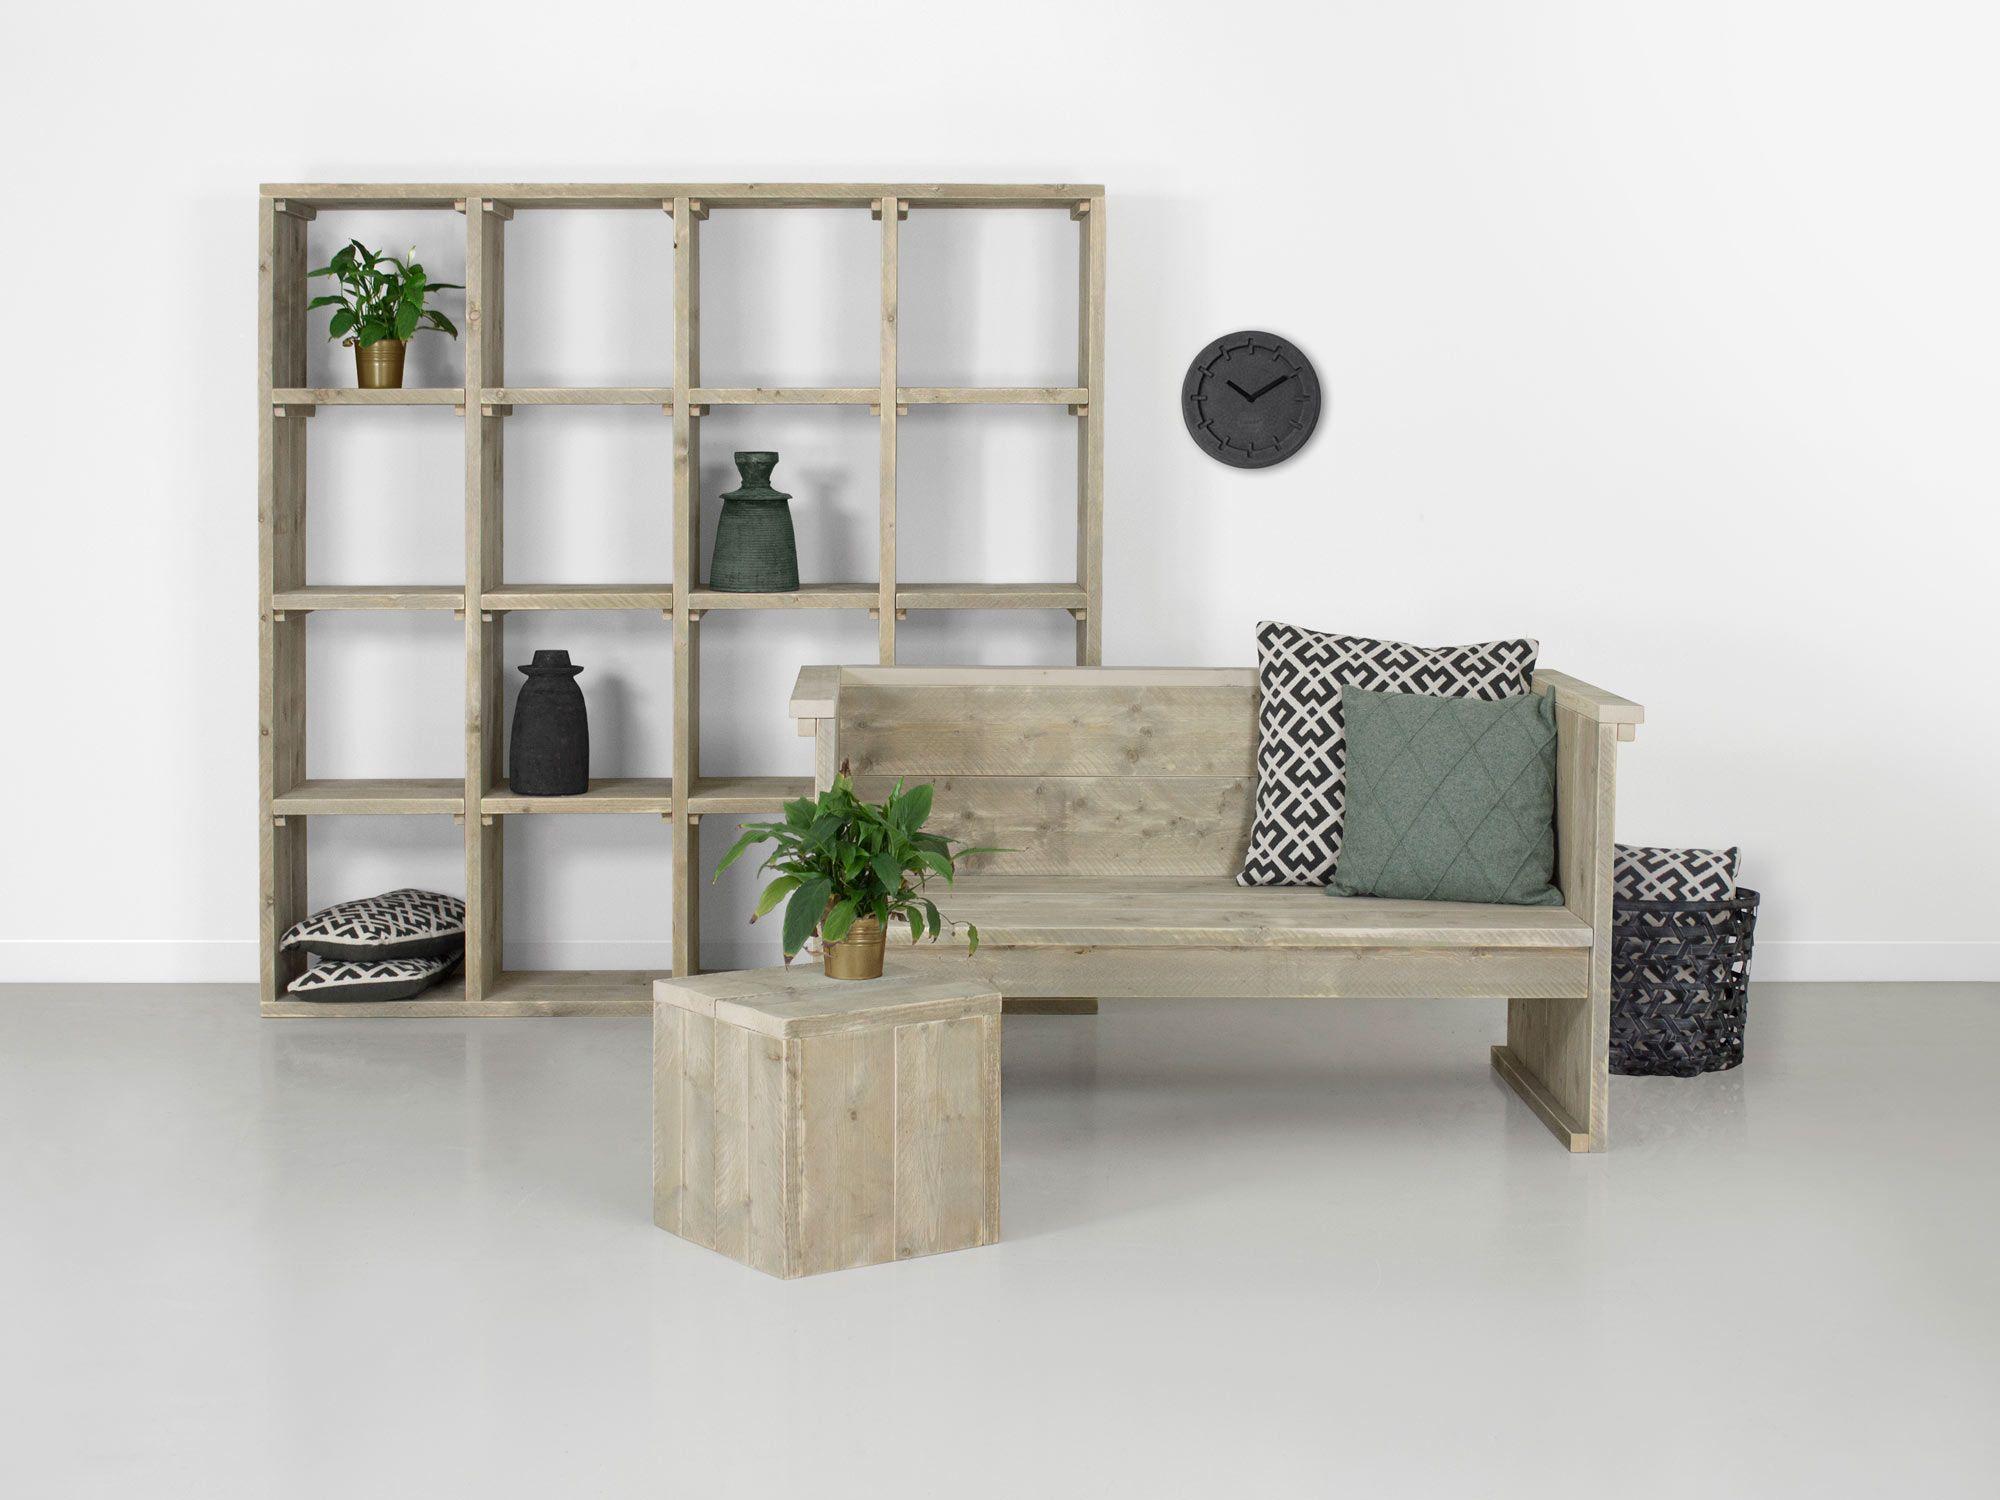 Wohnideen Büro Im Wohnzimmer bauholz fächerregal dilan bauholzmoebeldesign de bauholz design